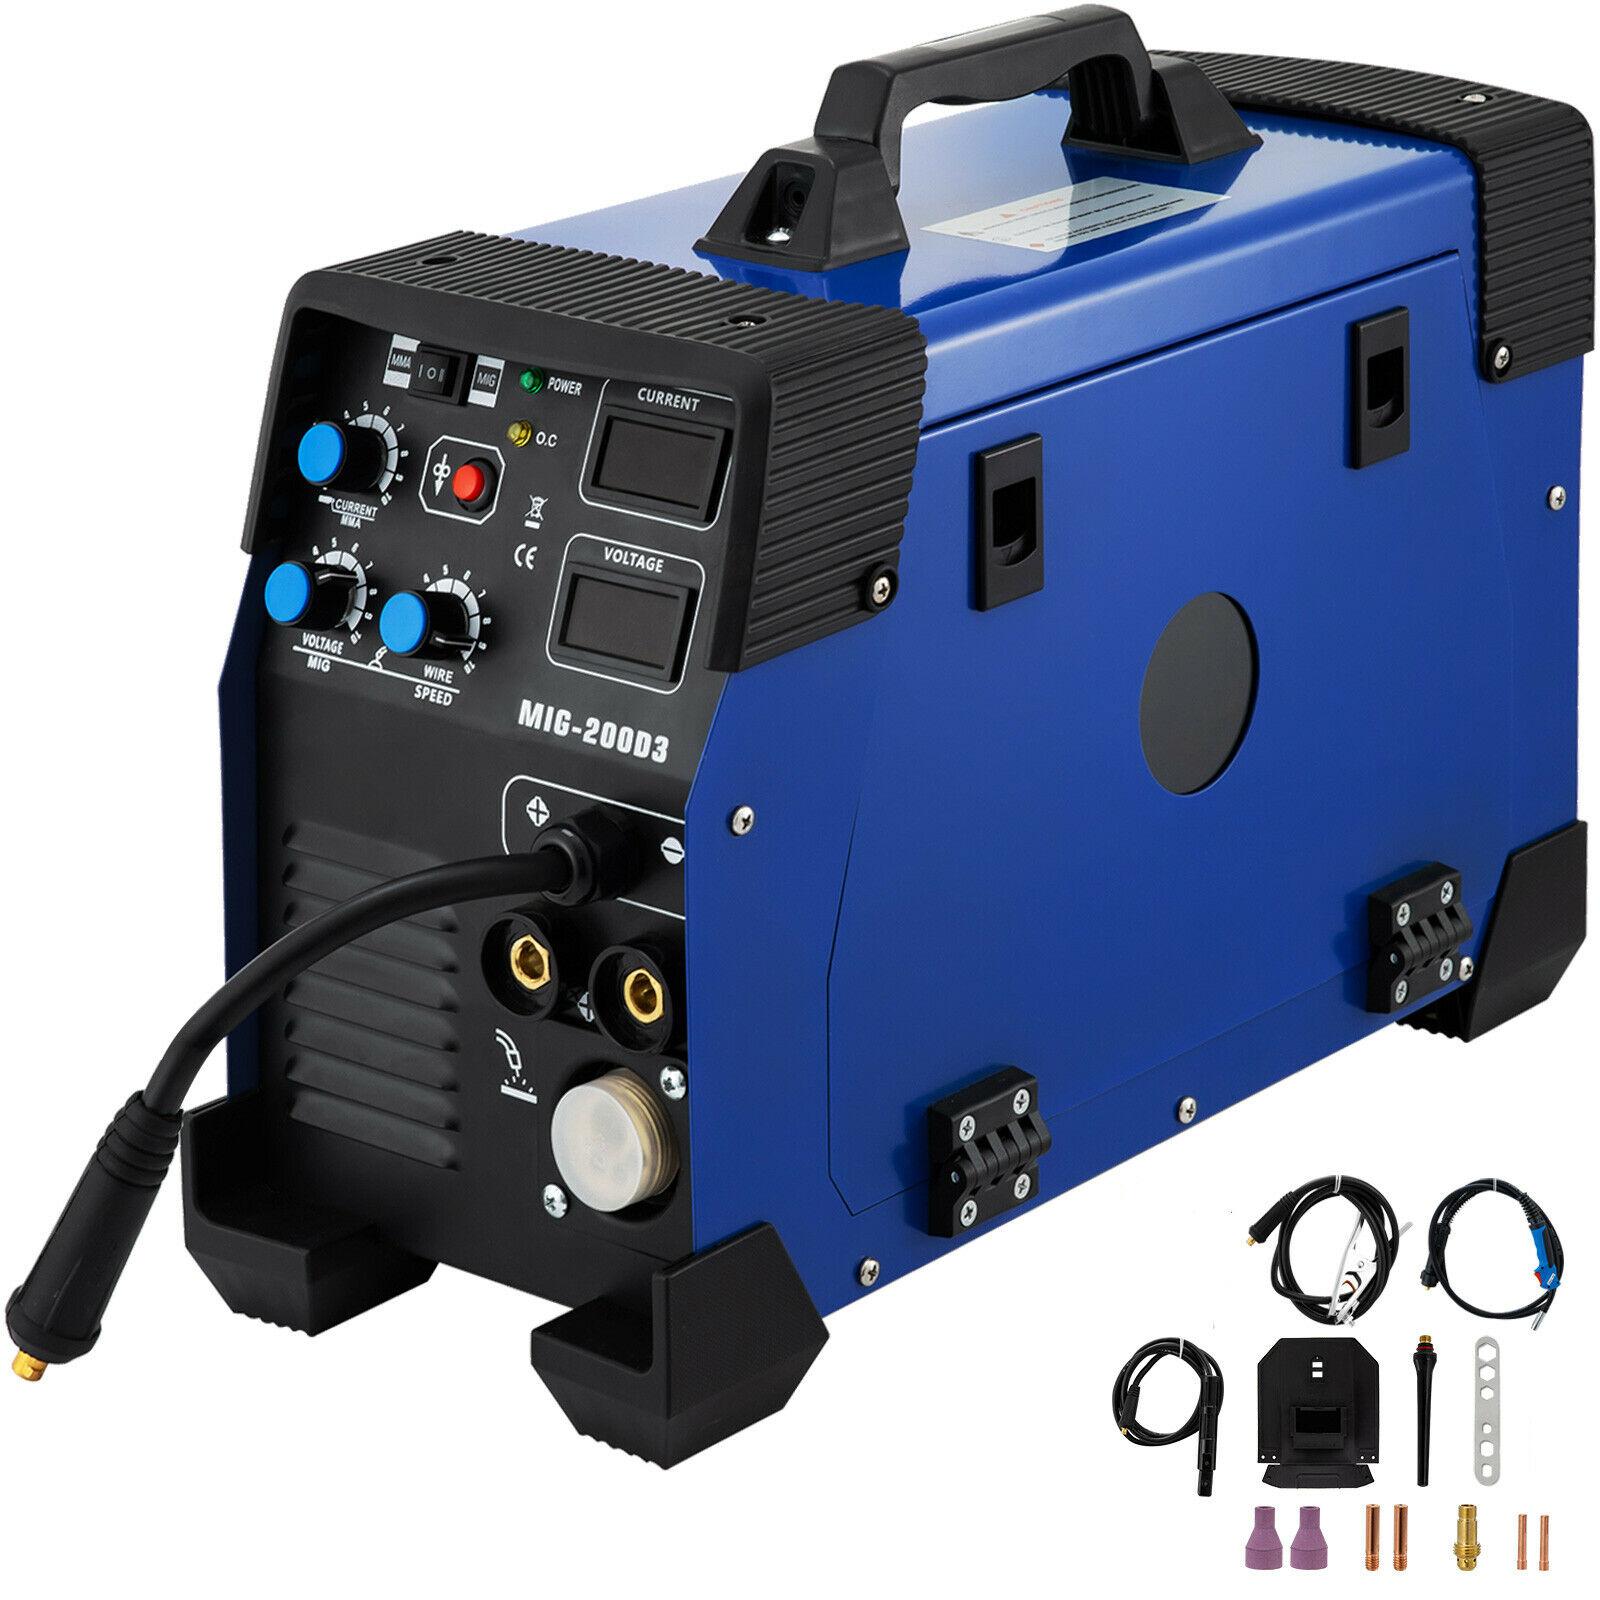 Schweißer Inverter TIG/ MMA/MIG/ MAG/FLUX 5 in 1 Schweißen Maschine